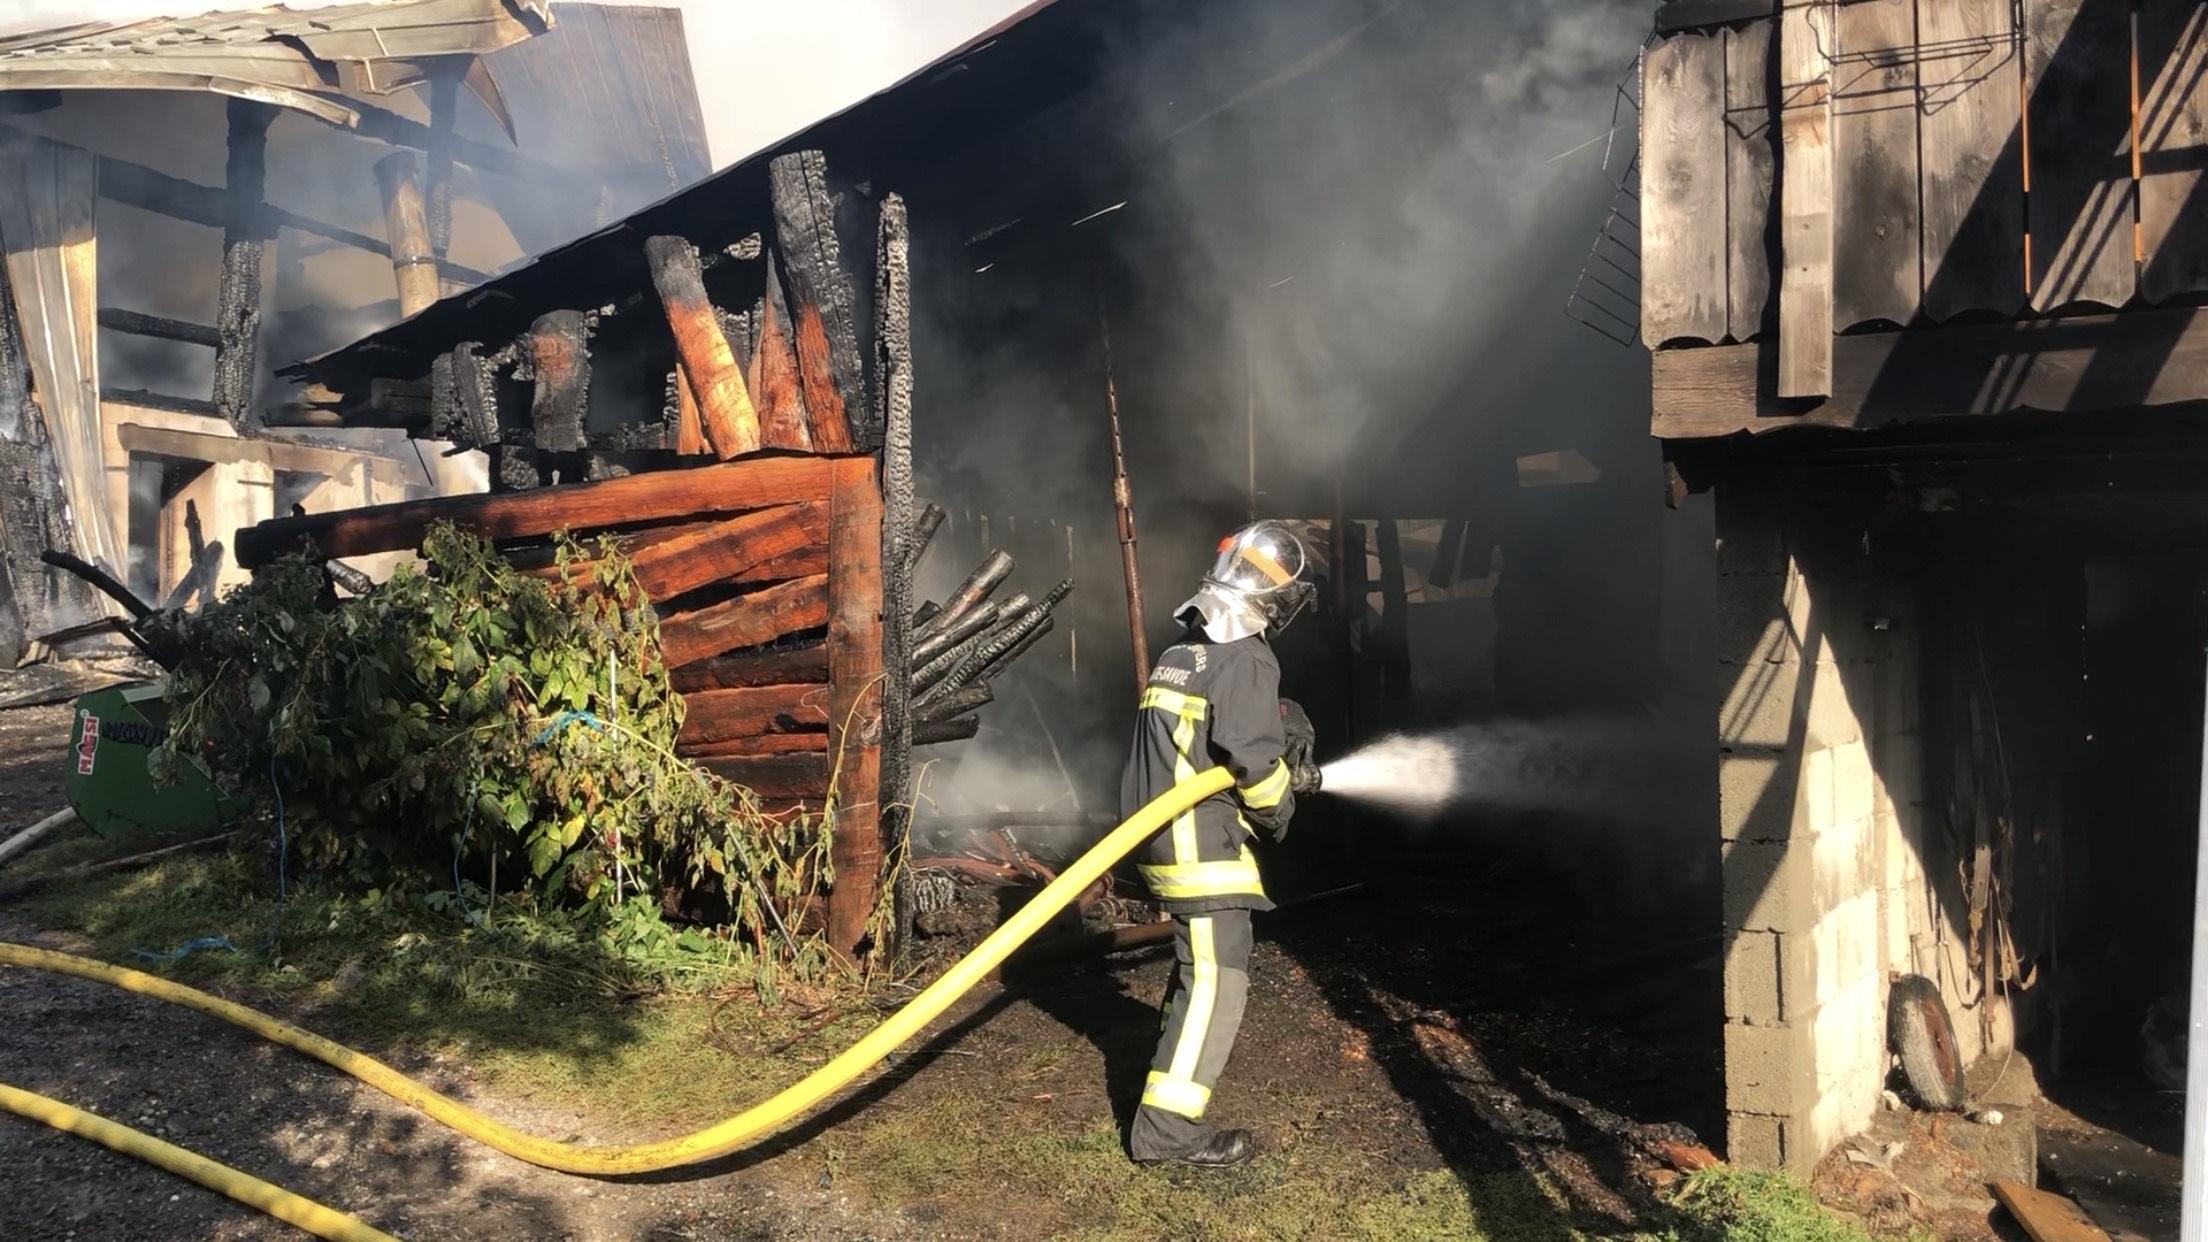 (VIDEO & PHOTOS) Saint-Gervais : violent incendie en cours au Cupelin, un homme gravement brûlé